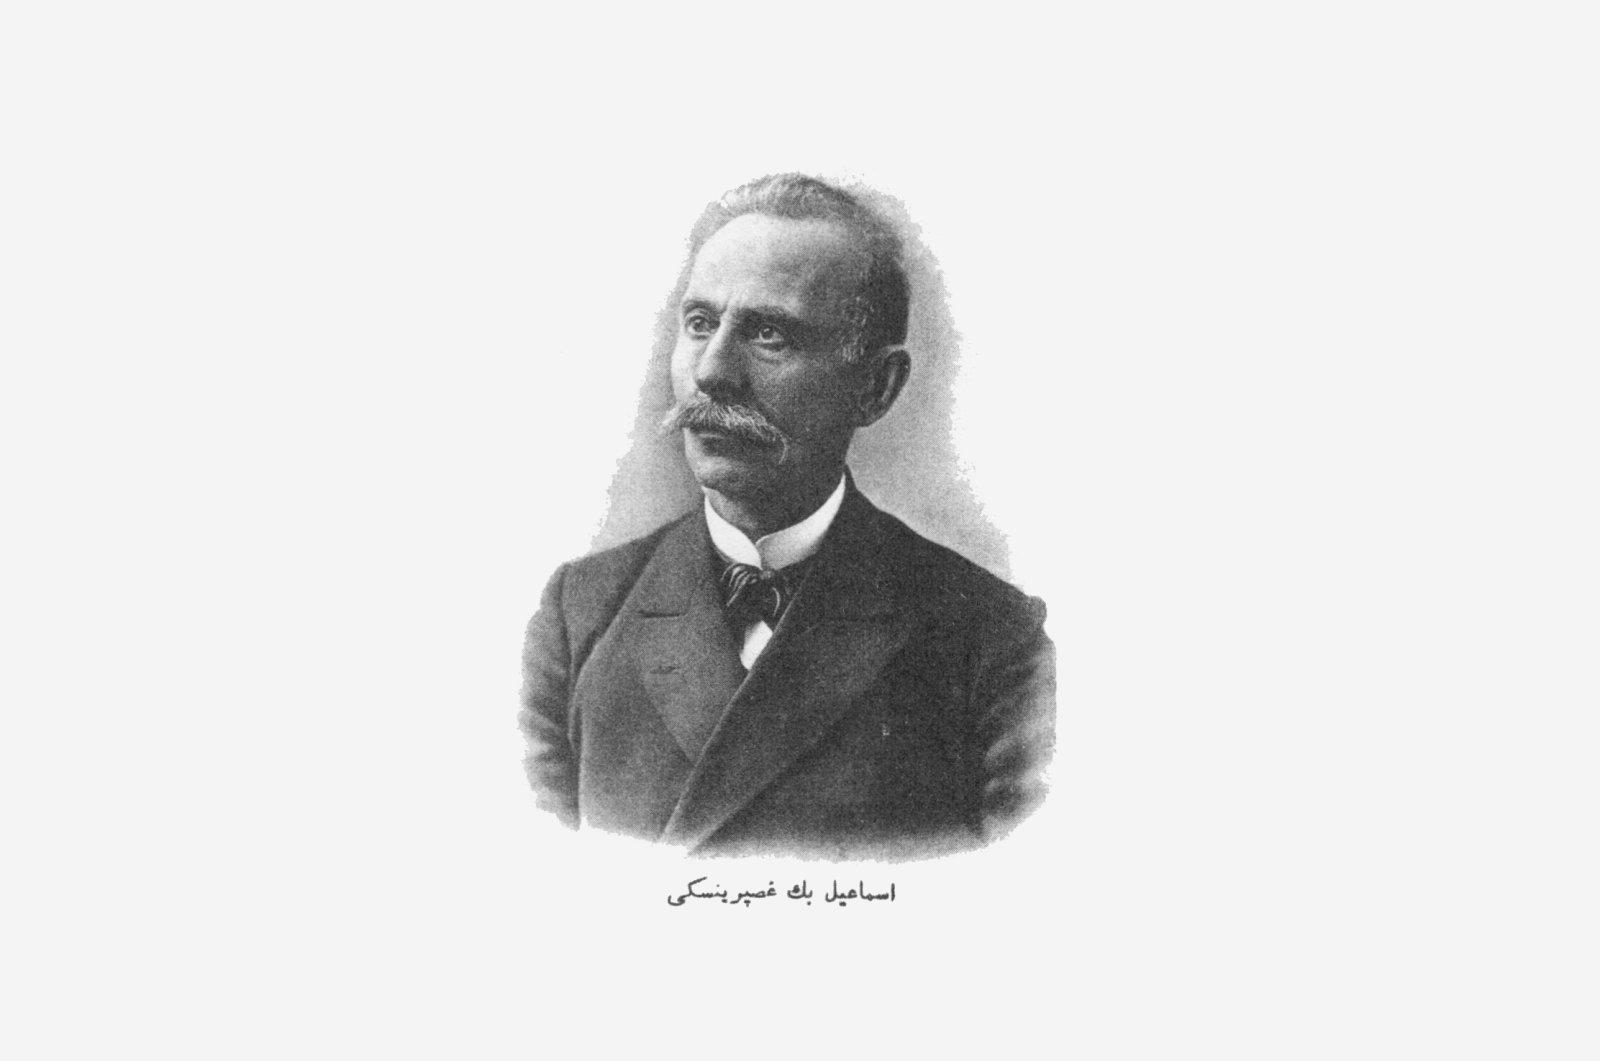 A portrait picture of Ismail Gaspıralı.